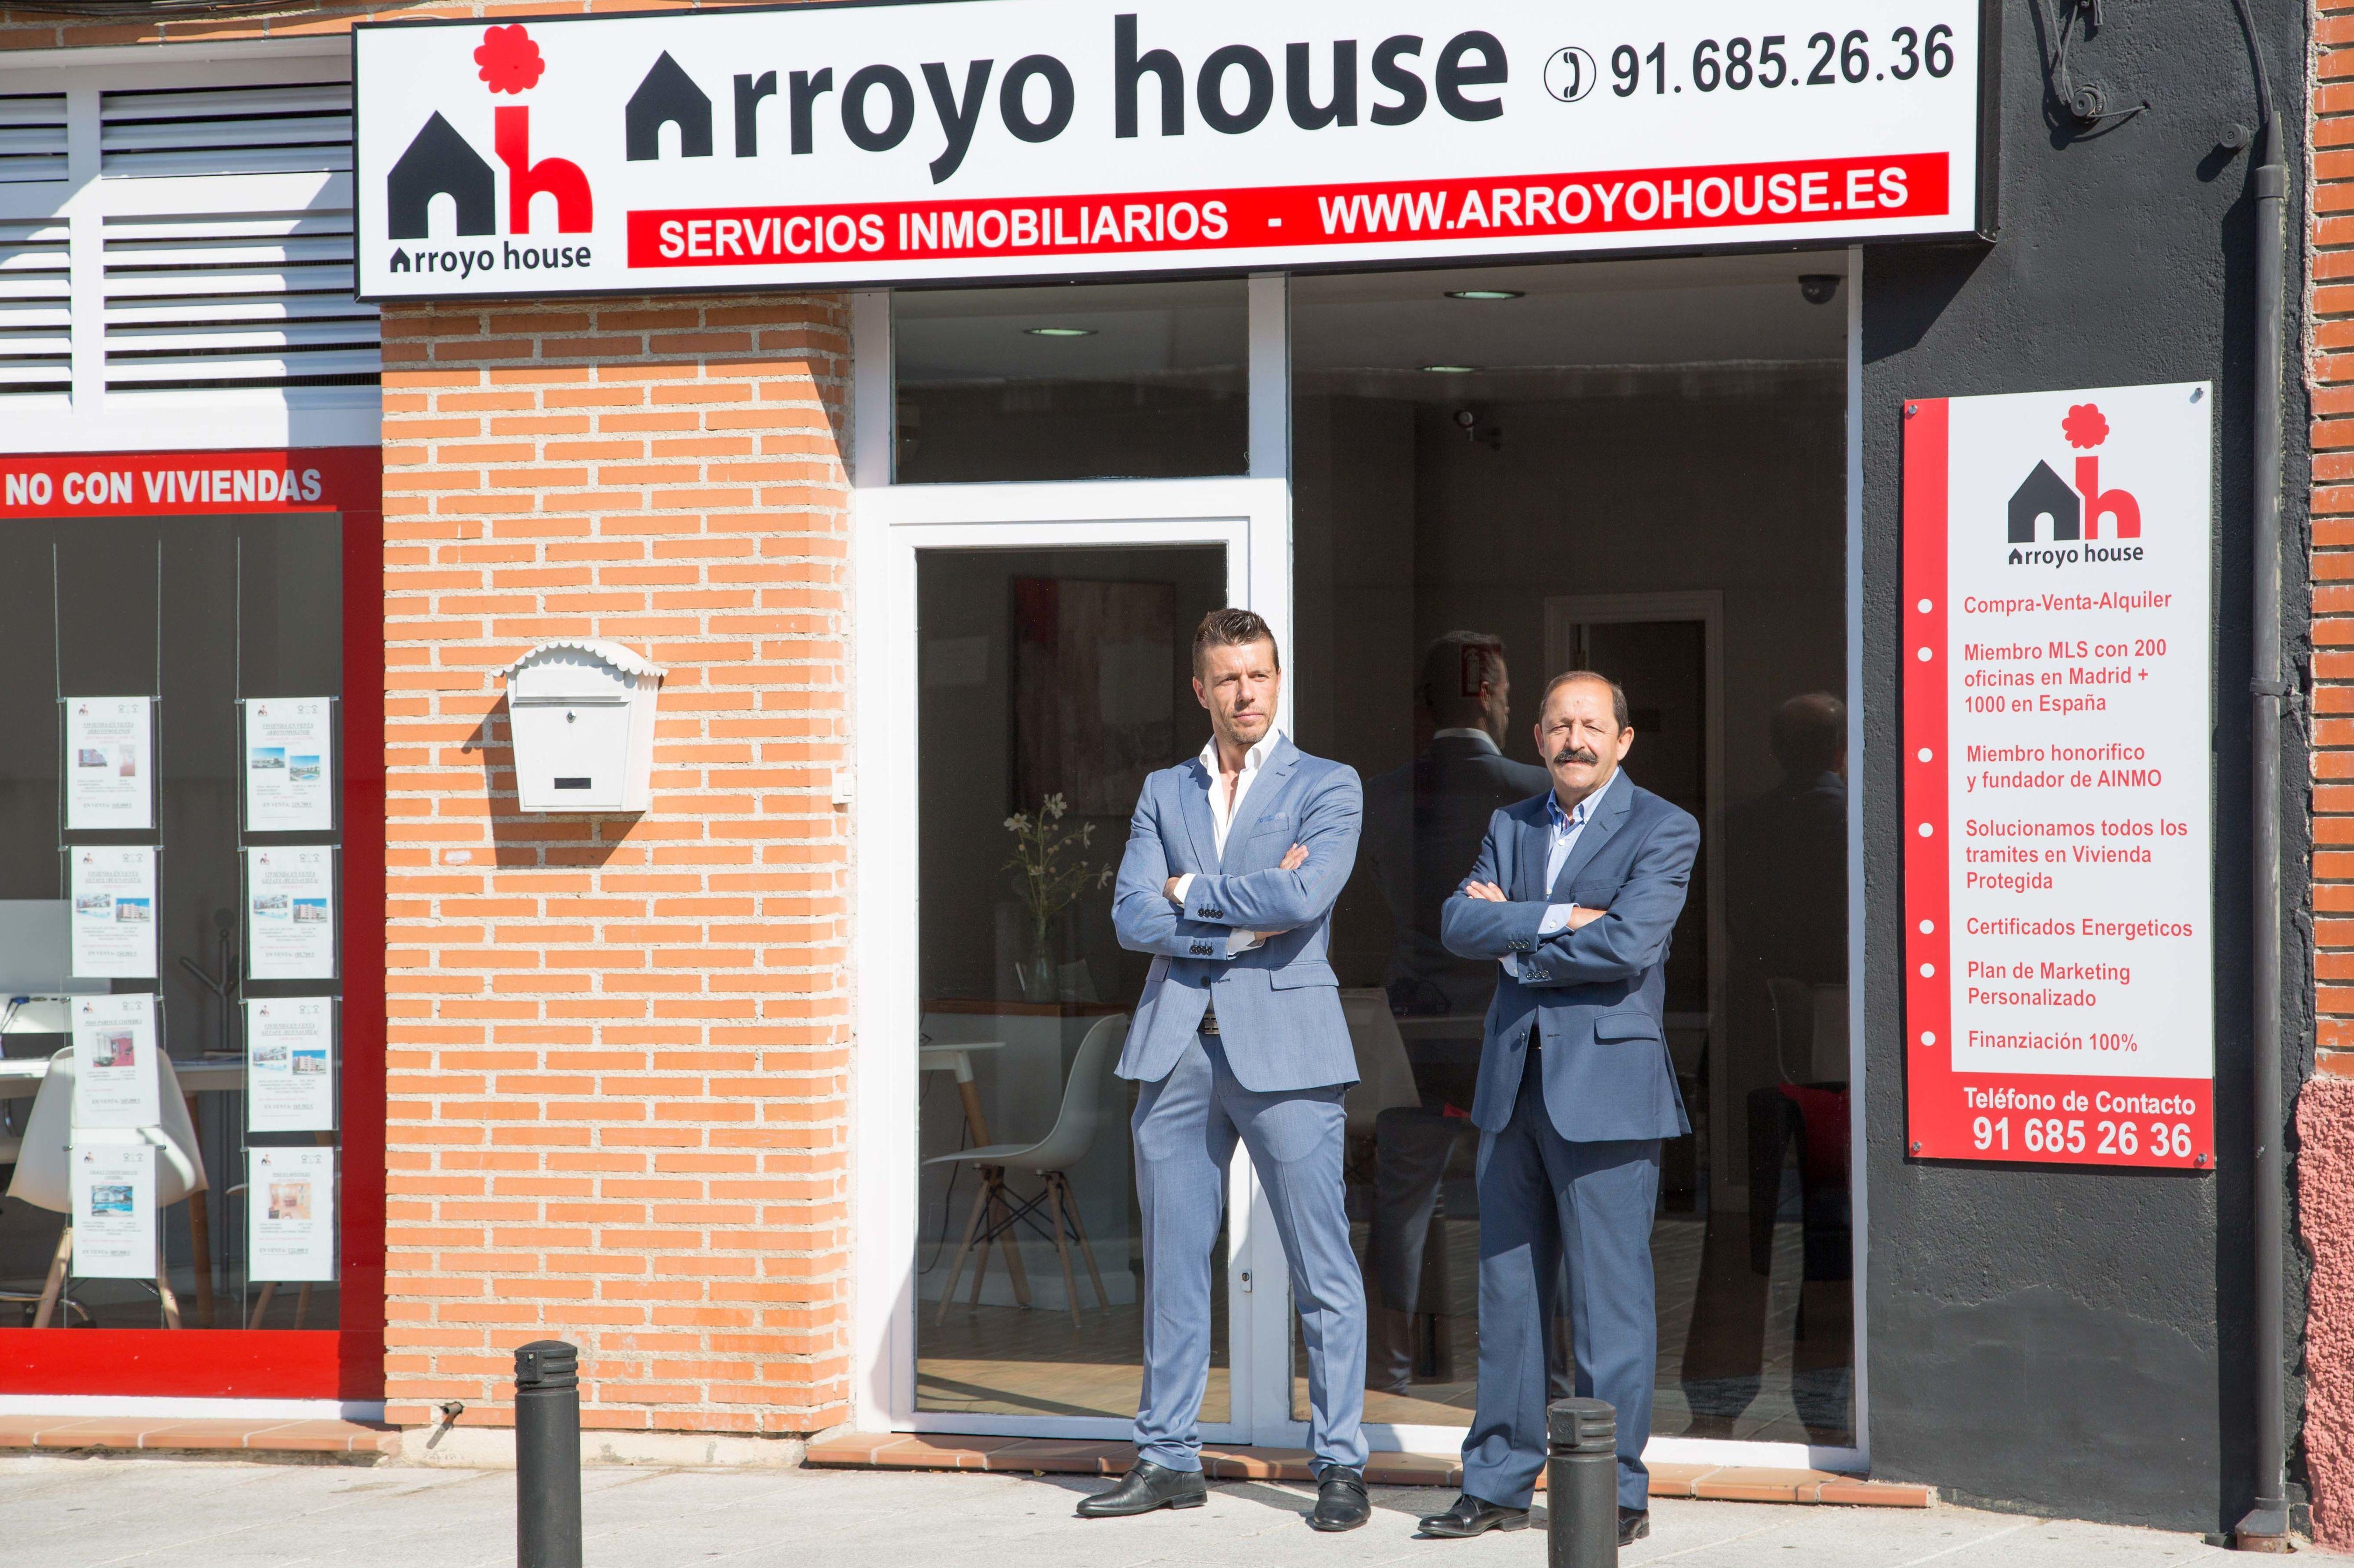 Foto 31 de Inmobiliarias en Arroyomolinos | Arroyo House